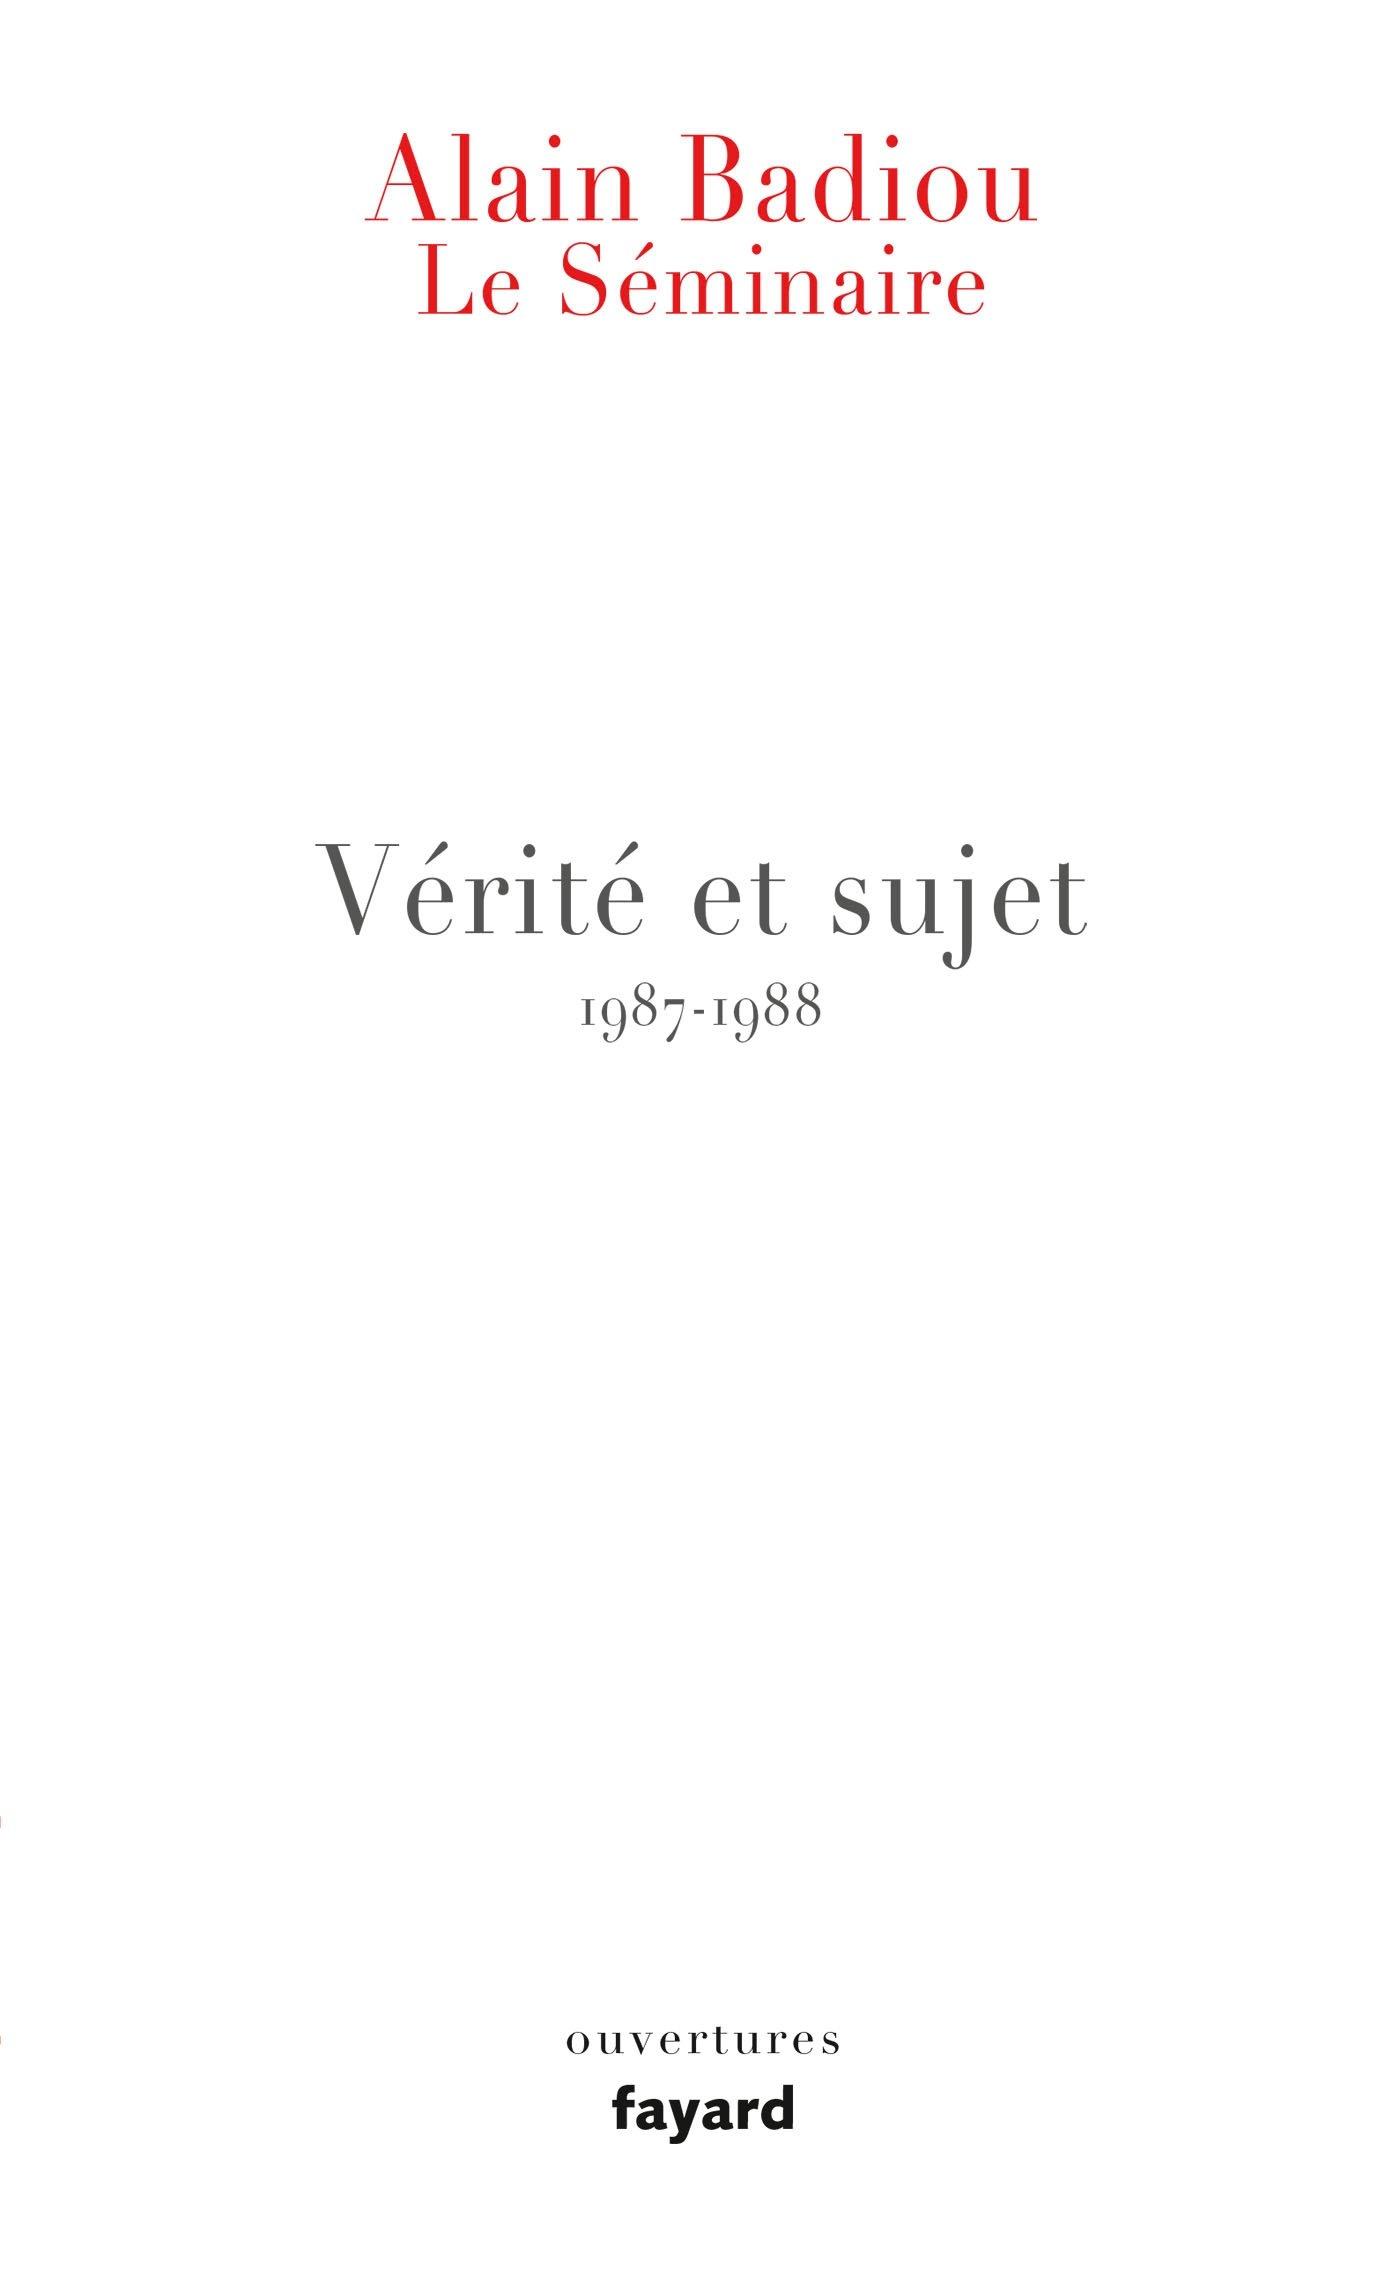 Le Séminaire - Vérité et sujet (Essais): Amazon.es: Alain Badiou: Libros en idiomas extranjeros